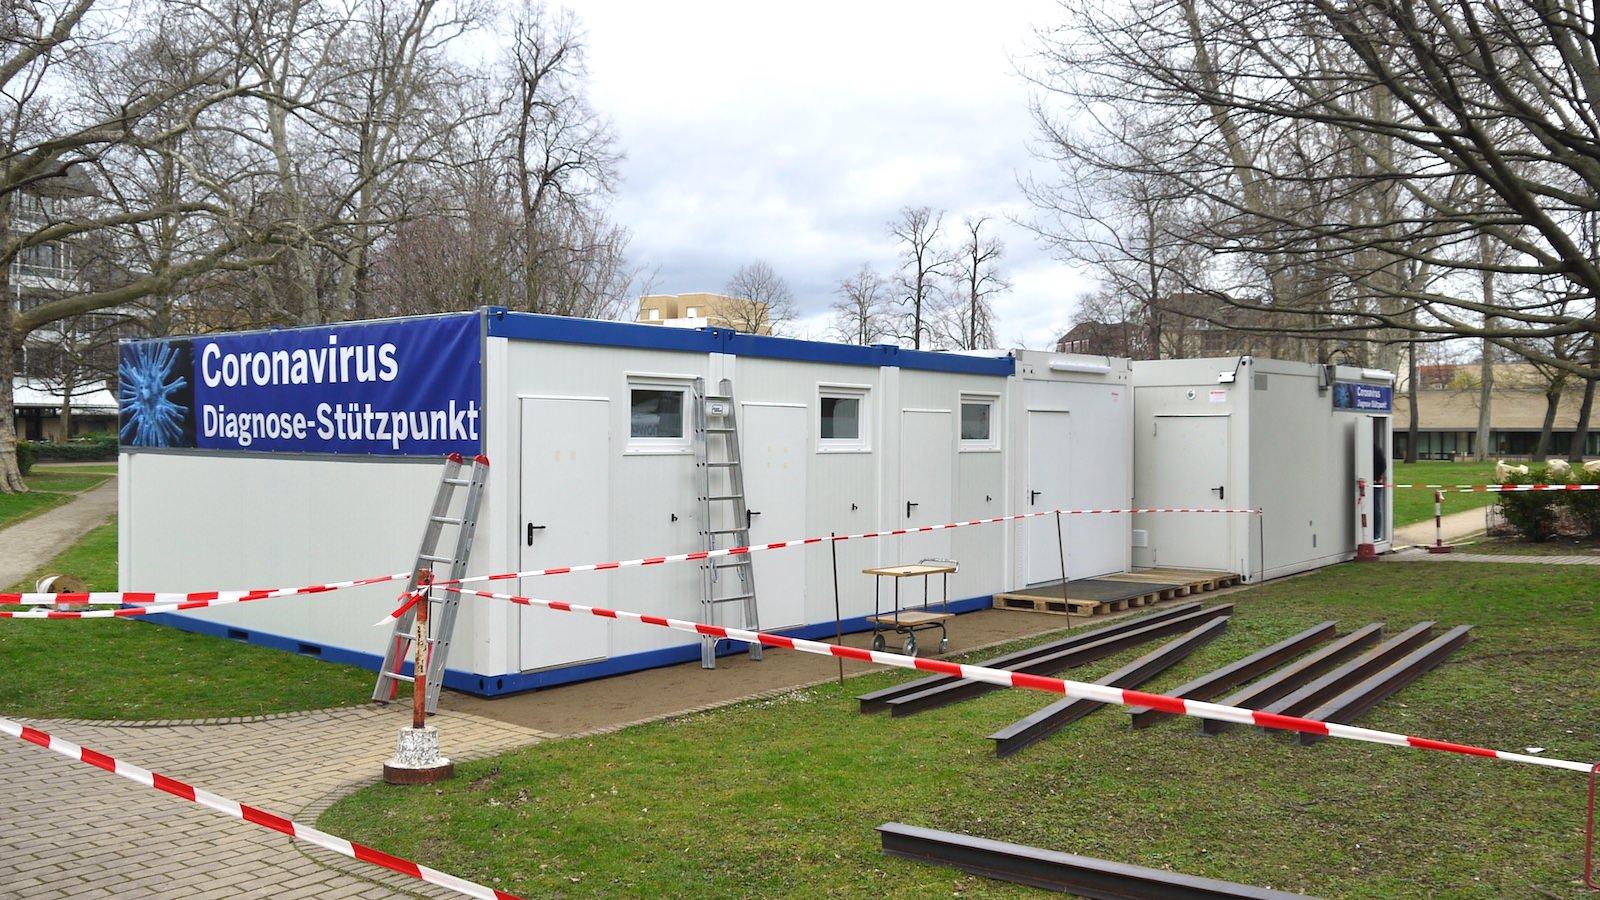 Der frisch aufgebaute Corona Diagnose-Stützpunkt auf dem Gelände des Universitätsklinikums | Foto: M. Schülke